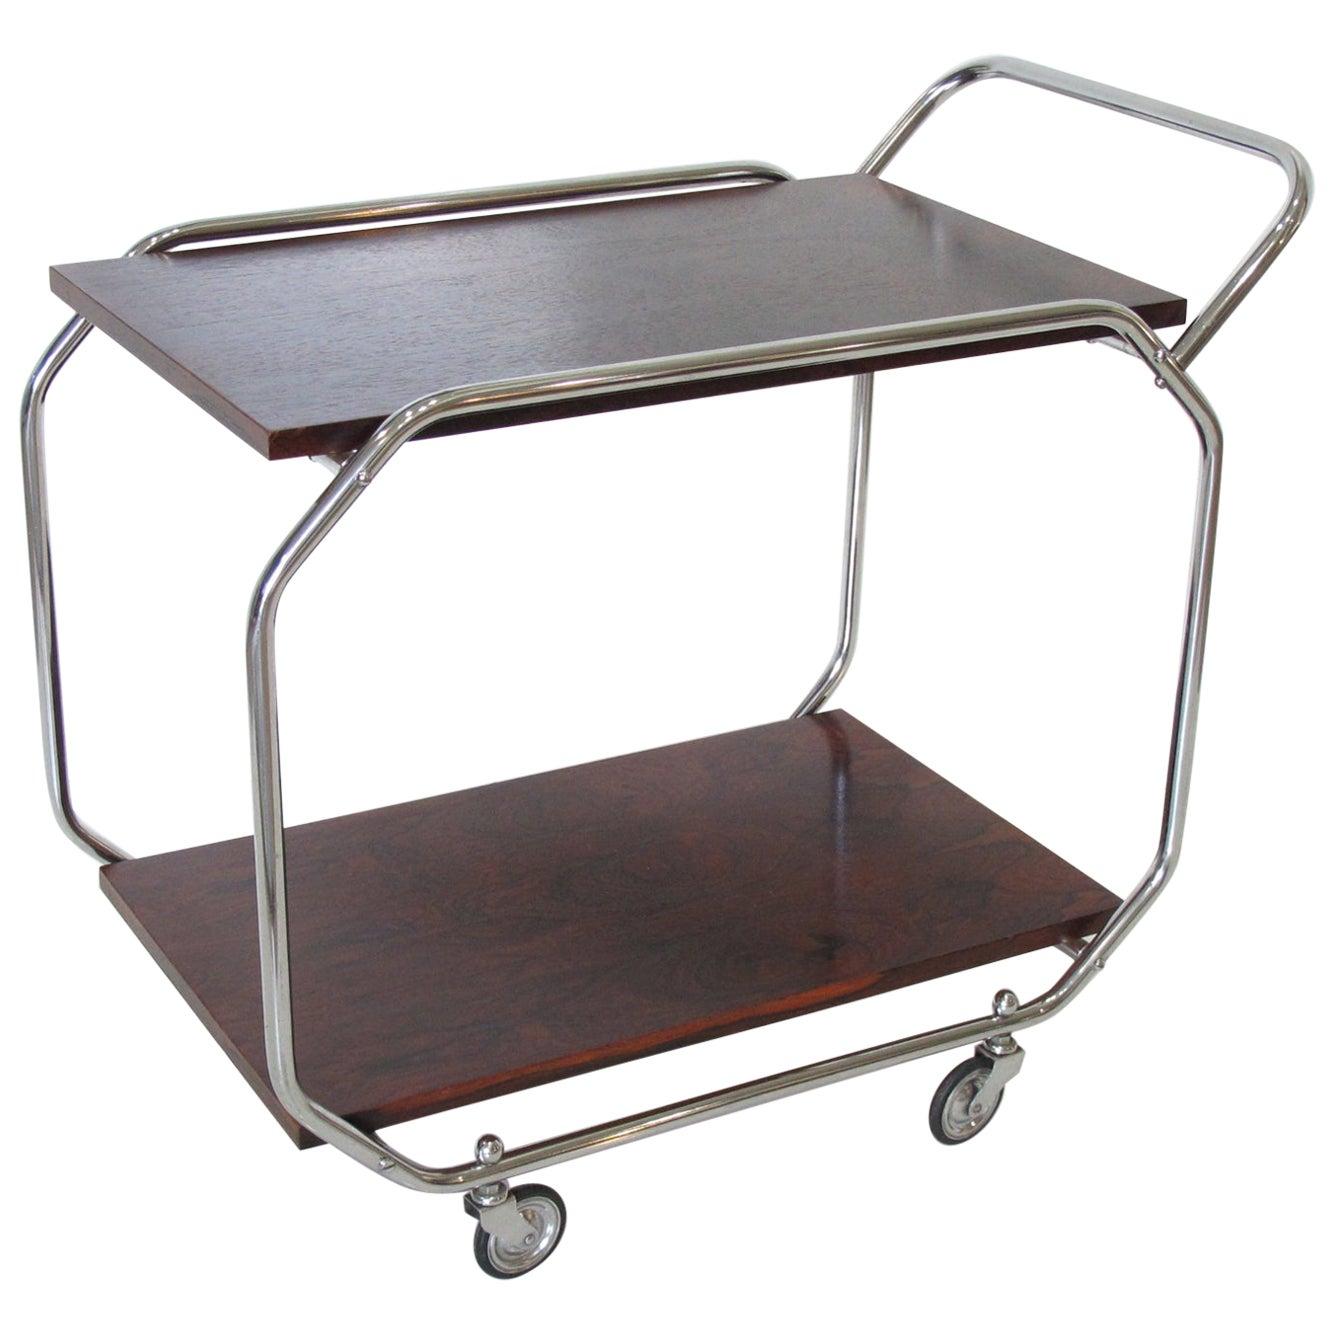 Bauhaus Art Deco Chrome and Rosewood Rolling Bar Cart